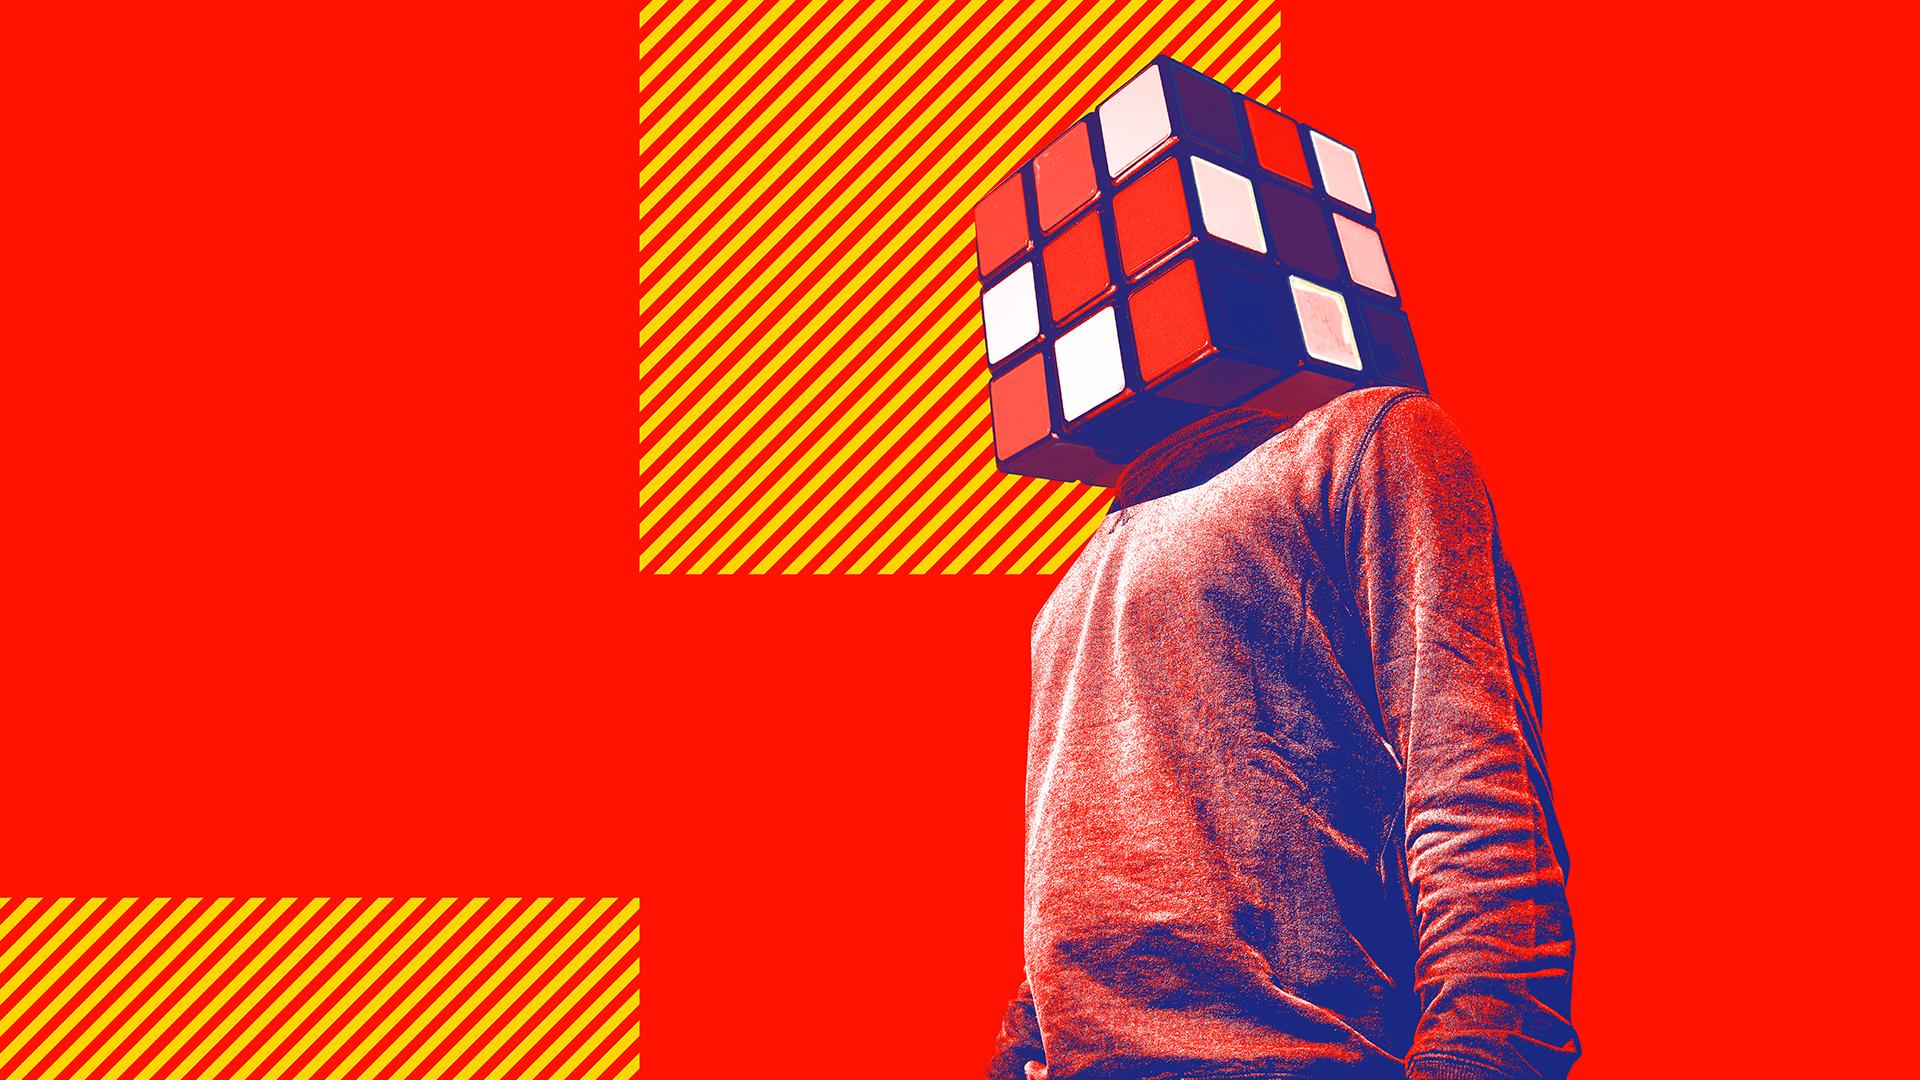 Goodism-Rubix